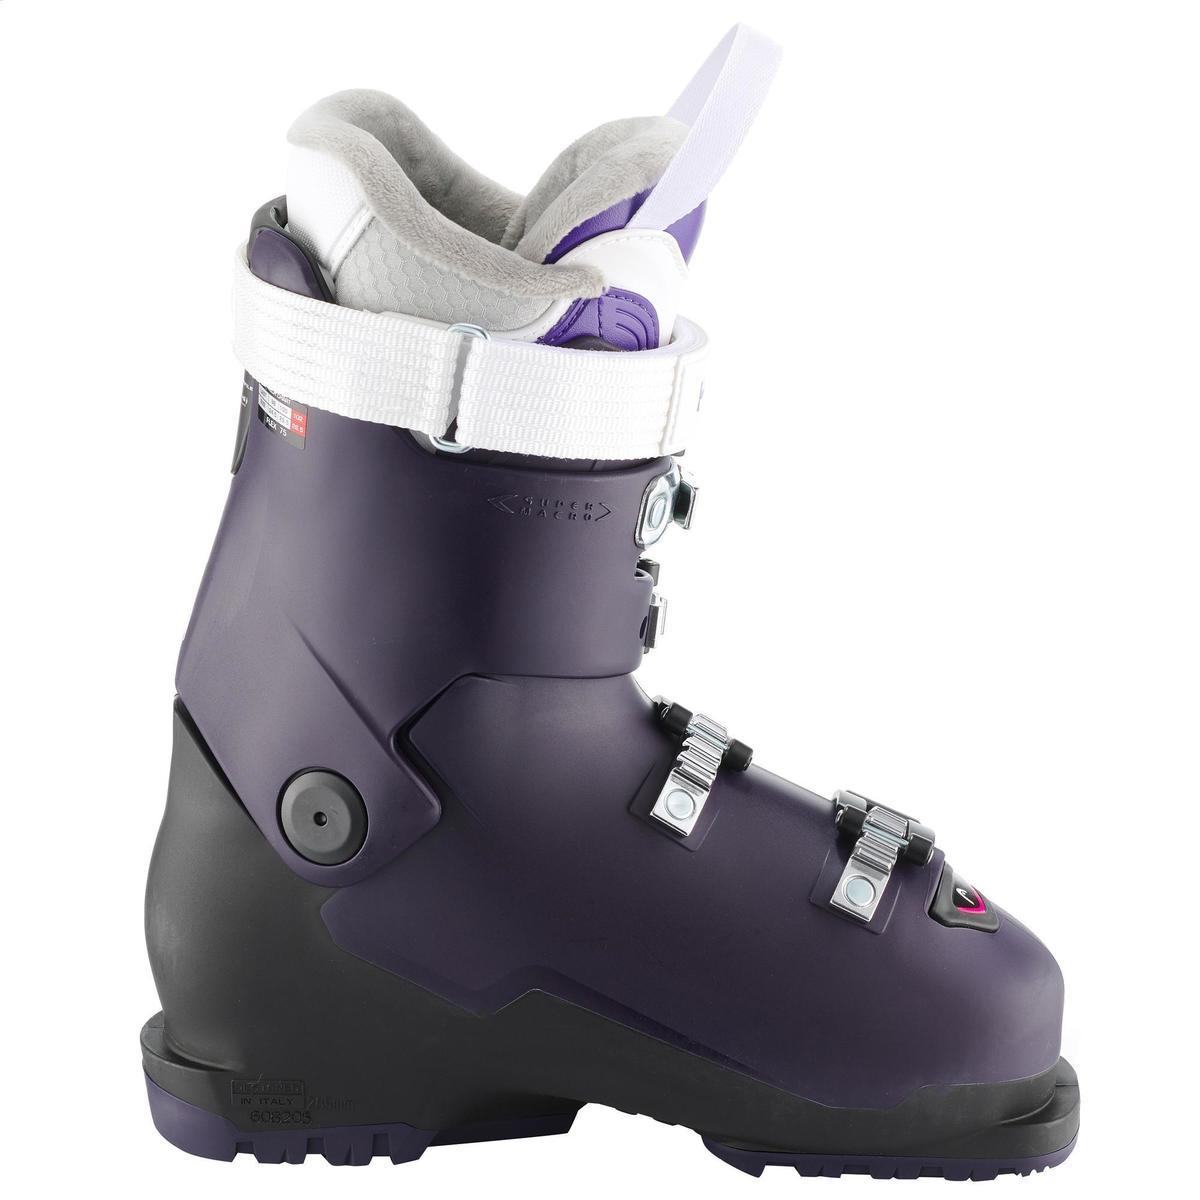 Bild 3 von Skischuhe Advant Edge 75 Damen violett